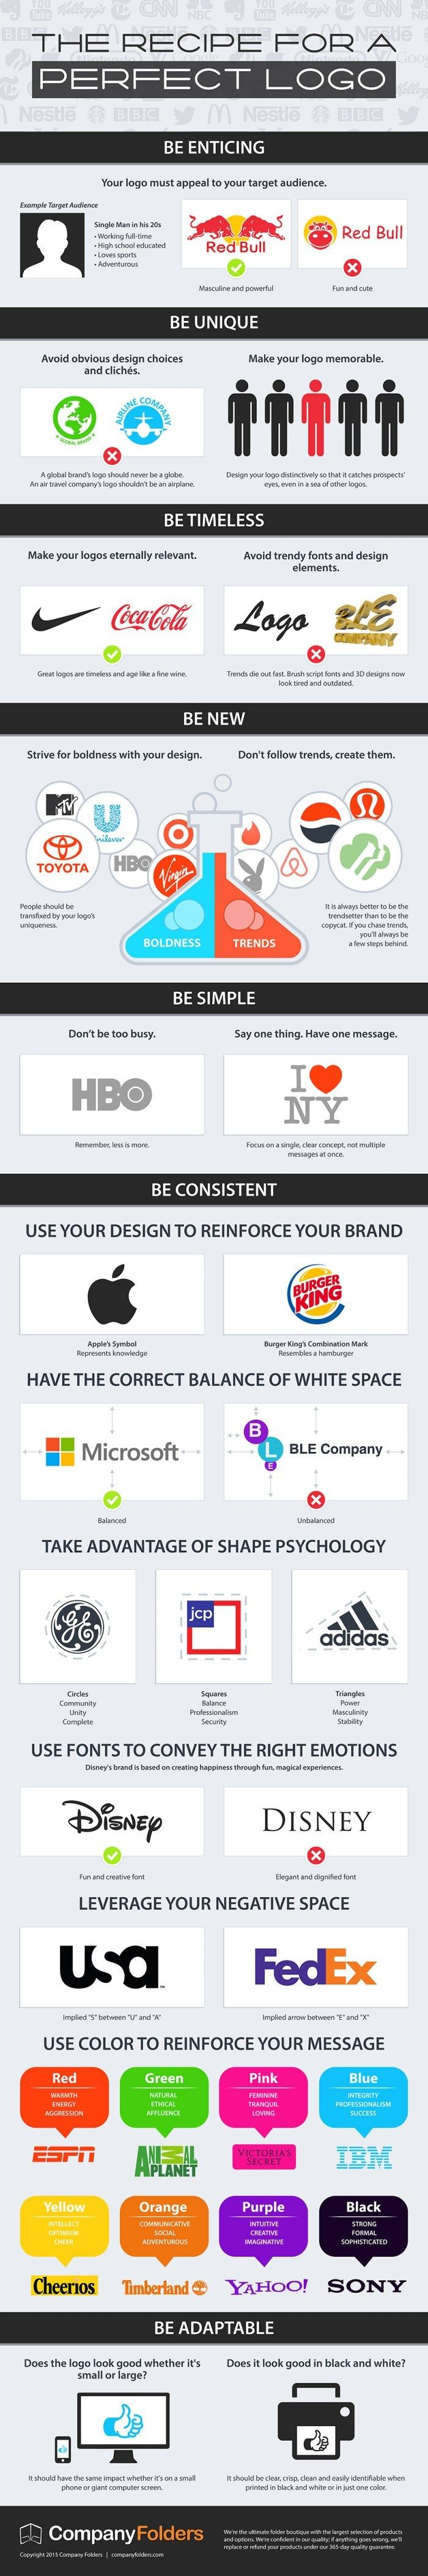 Consejos para diseñar un logotipo